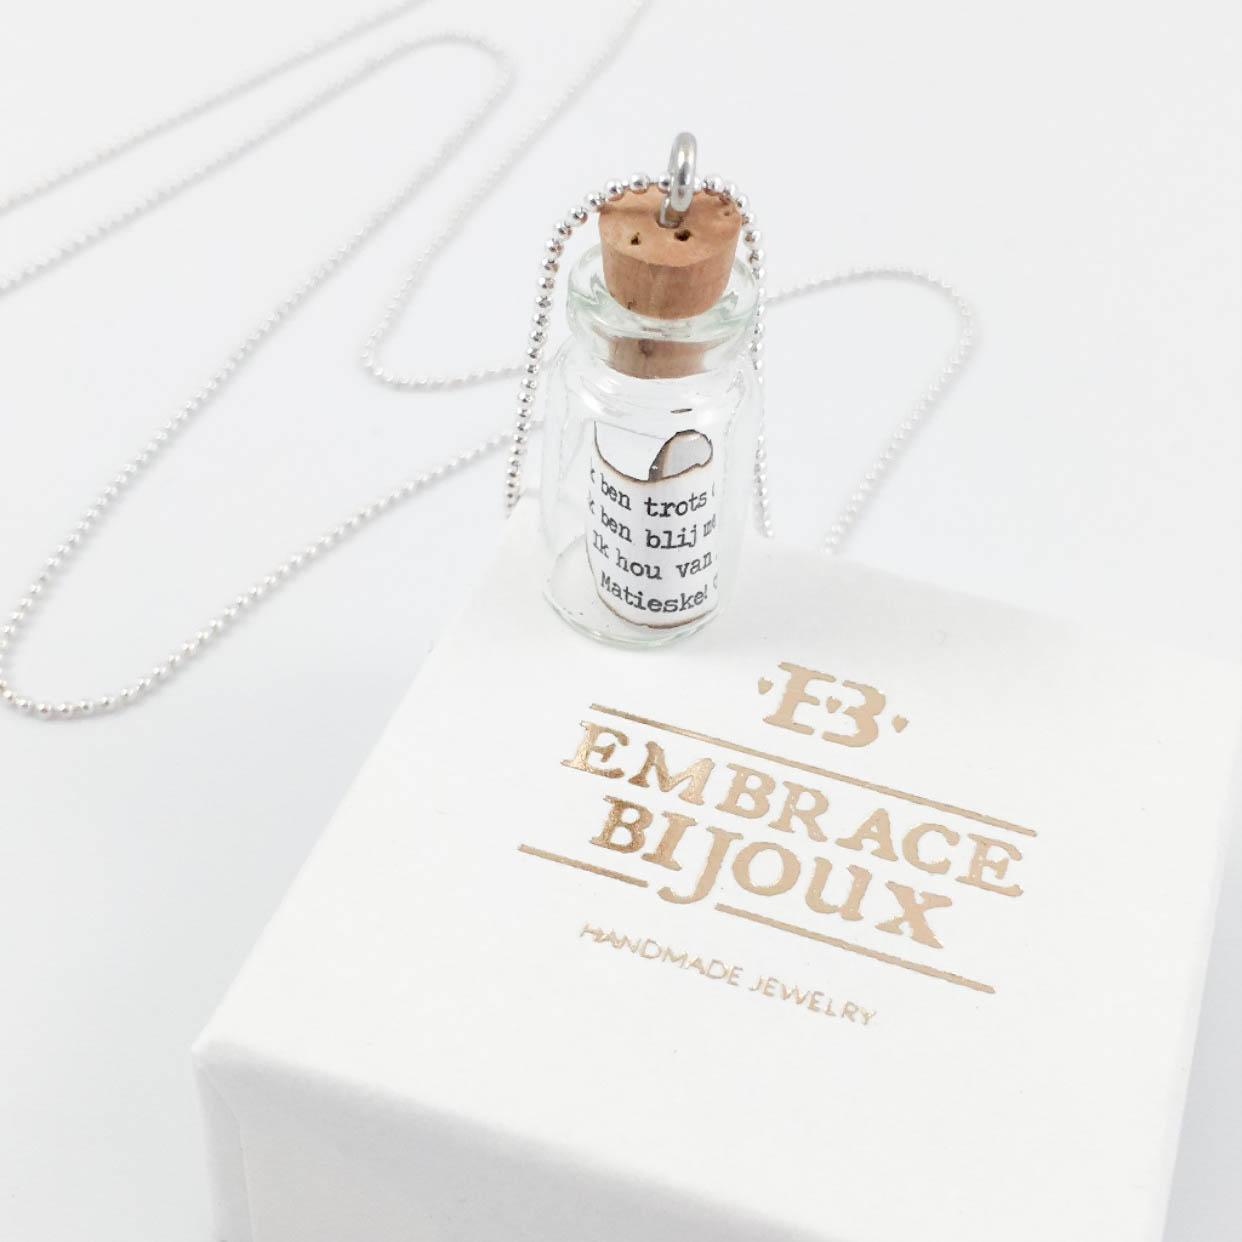 Message in a bottle kettin met flesje flessenpost briefje flesje